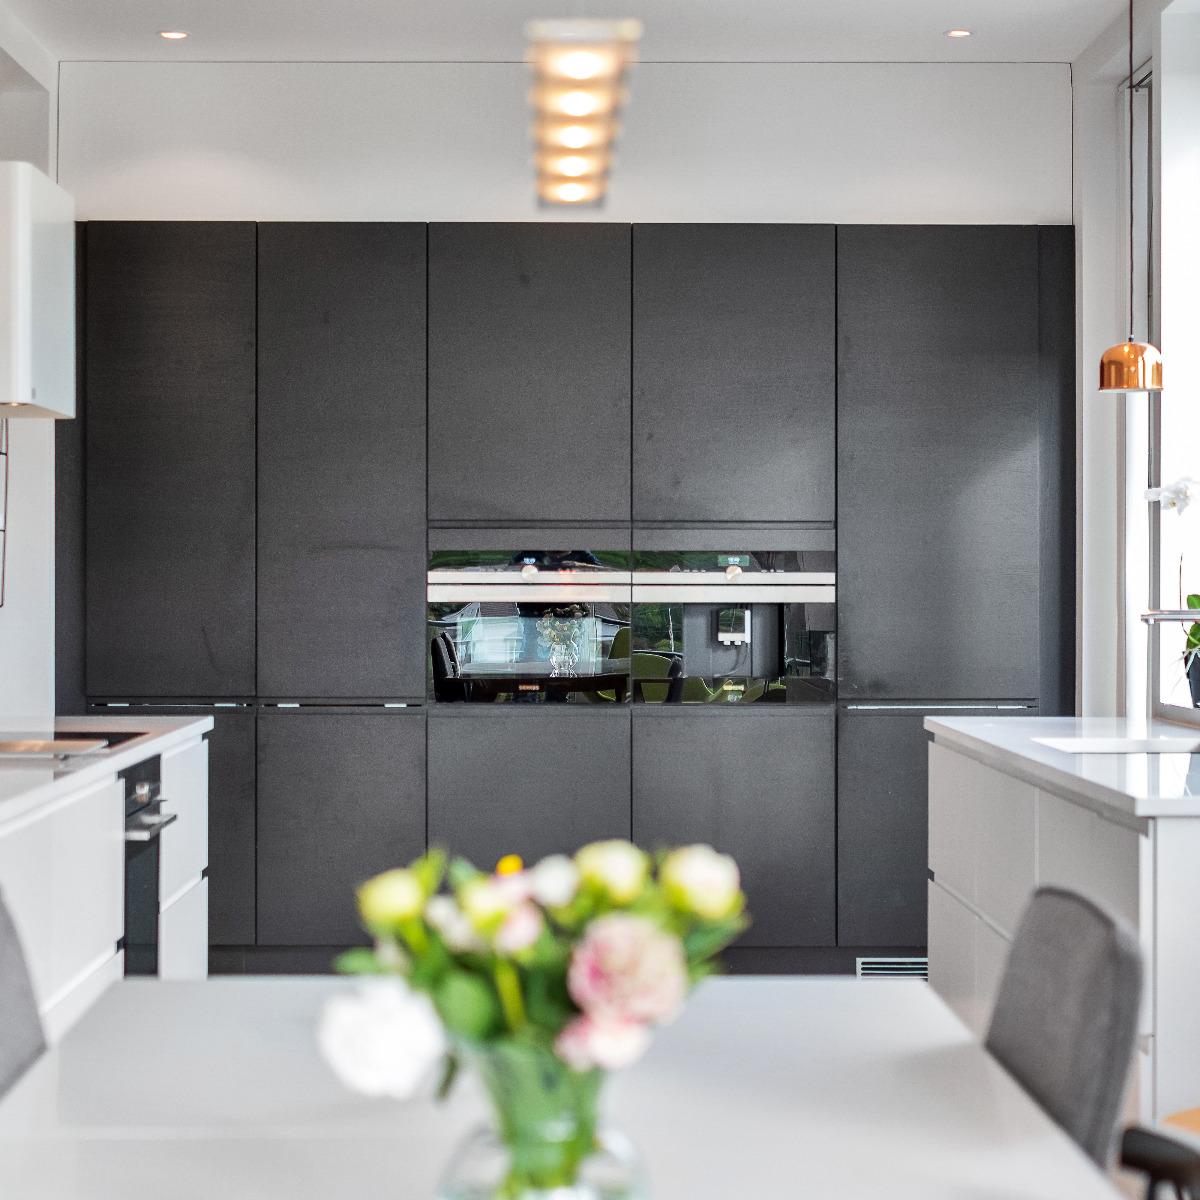 Kjøkken med mye skapplass.